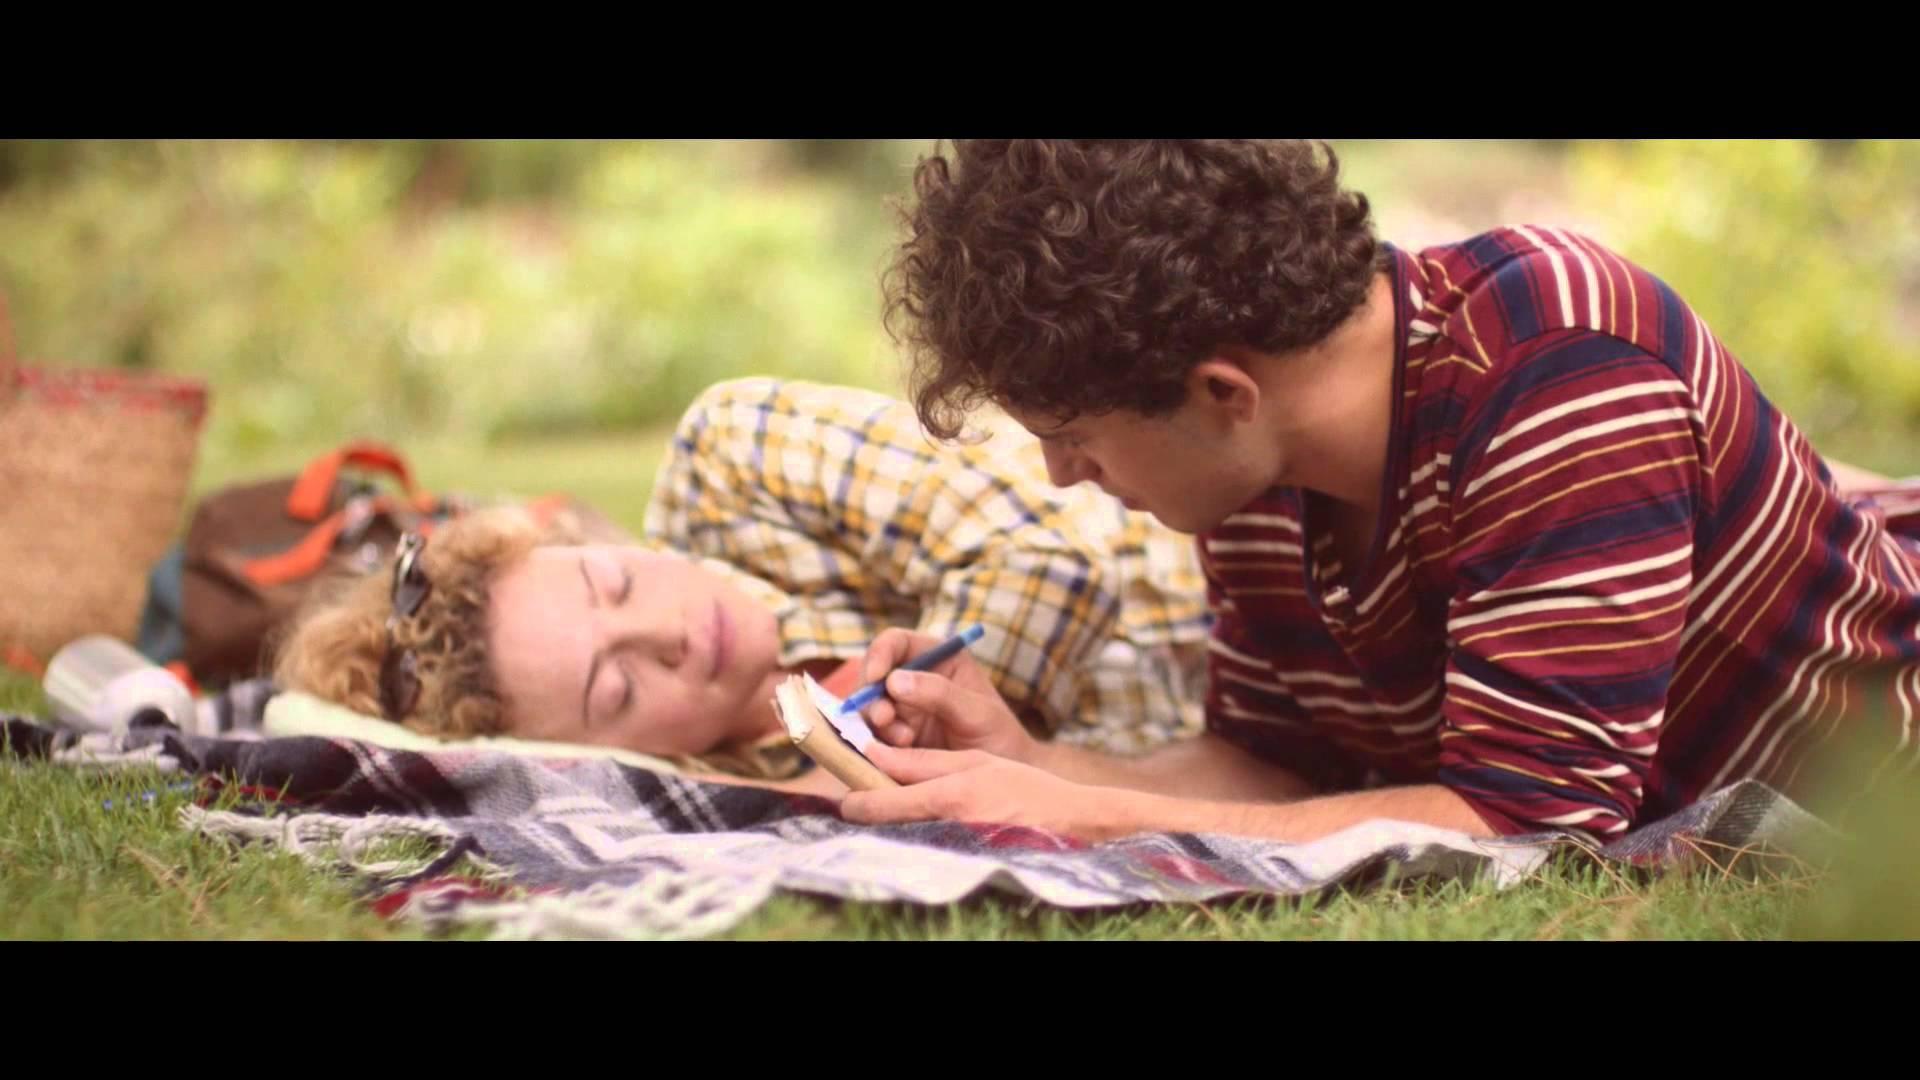 ВИДЕО: Реклама за гуми за џваќање која ќе ве расплаче!